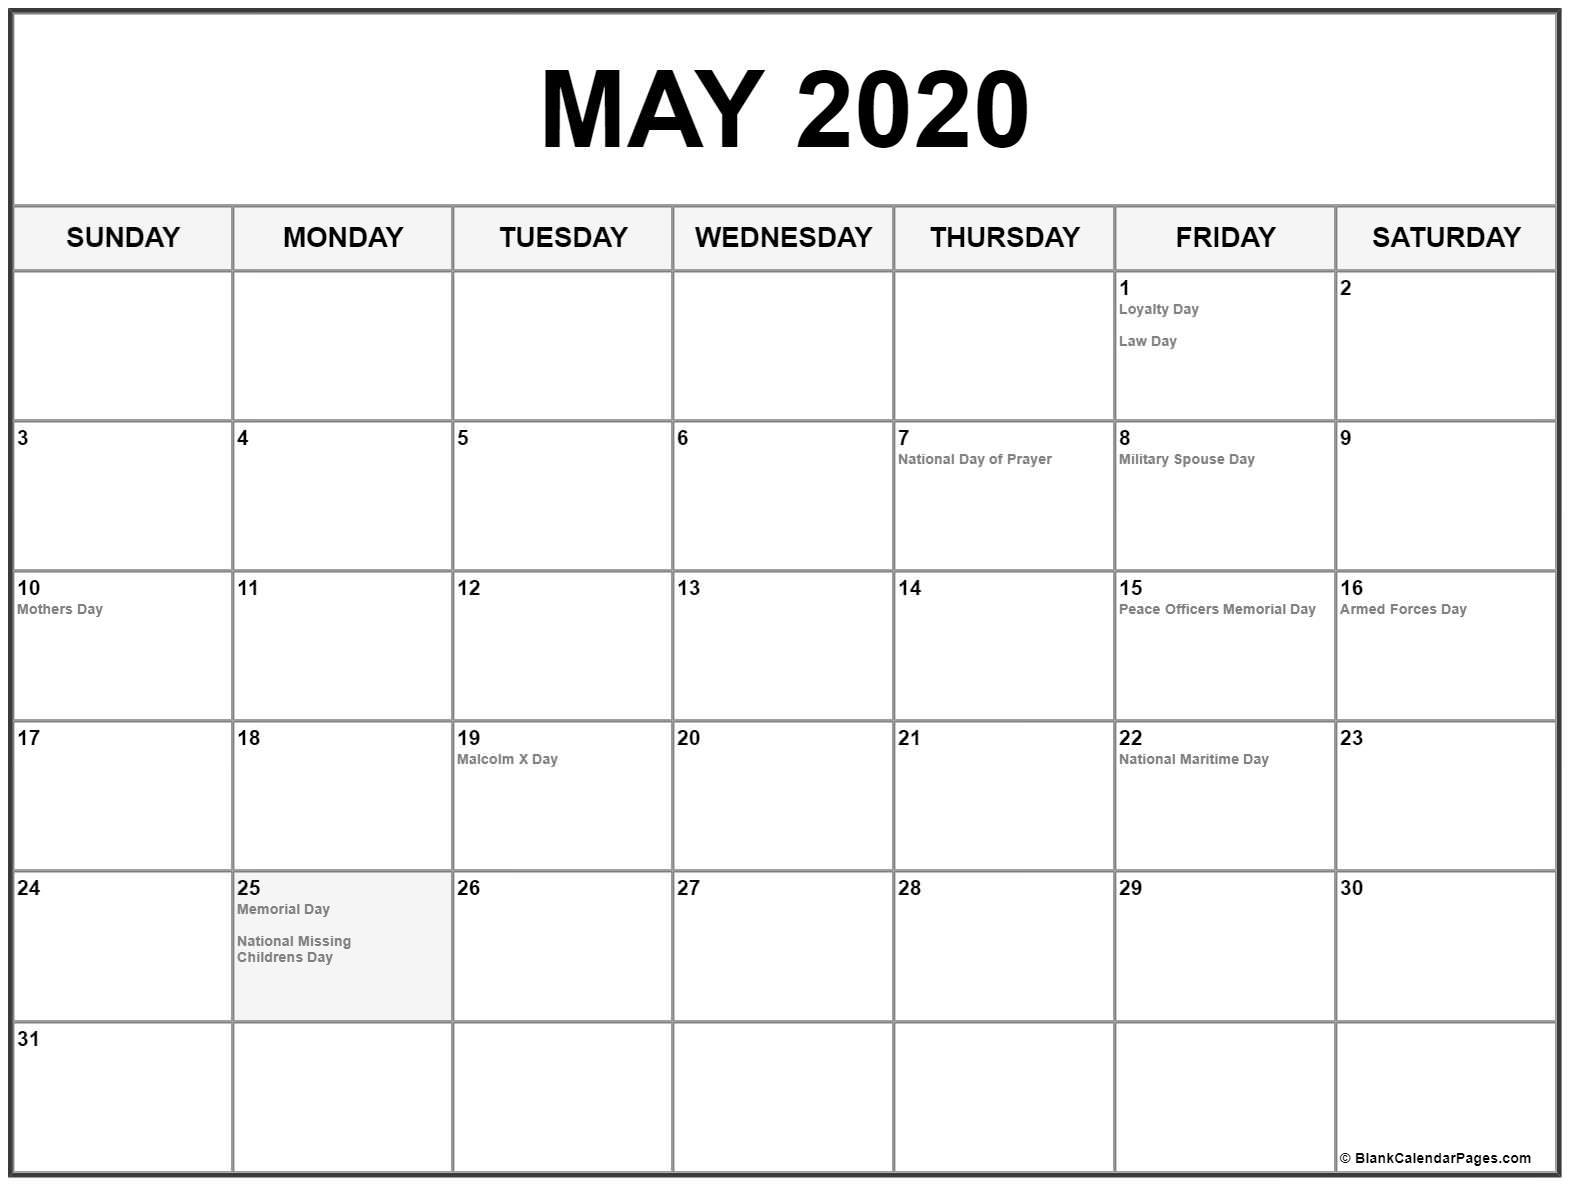 Miami Dade Public Schools Calendar 2020 2021